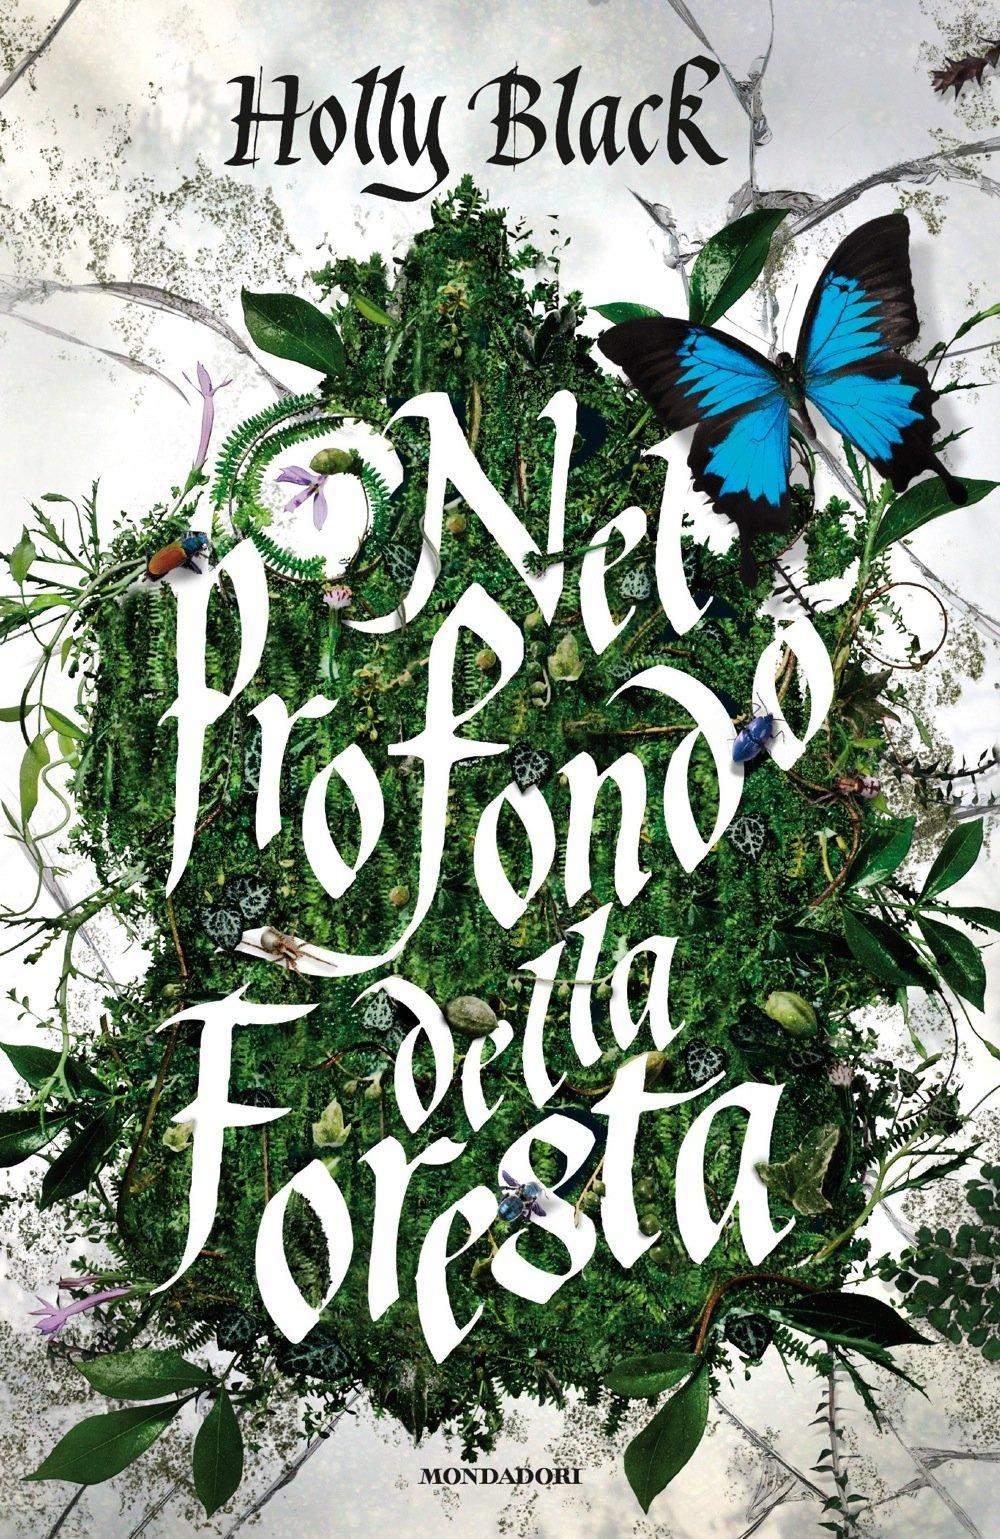 Nel profondo della foresta Copertina rigida – 11 apr 2017 Holly Black F. Novajra Mondadori 8804674806